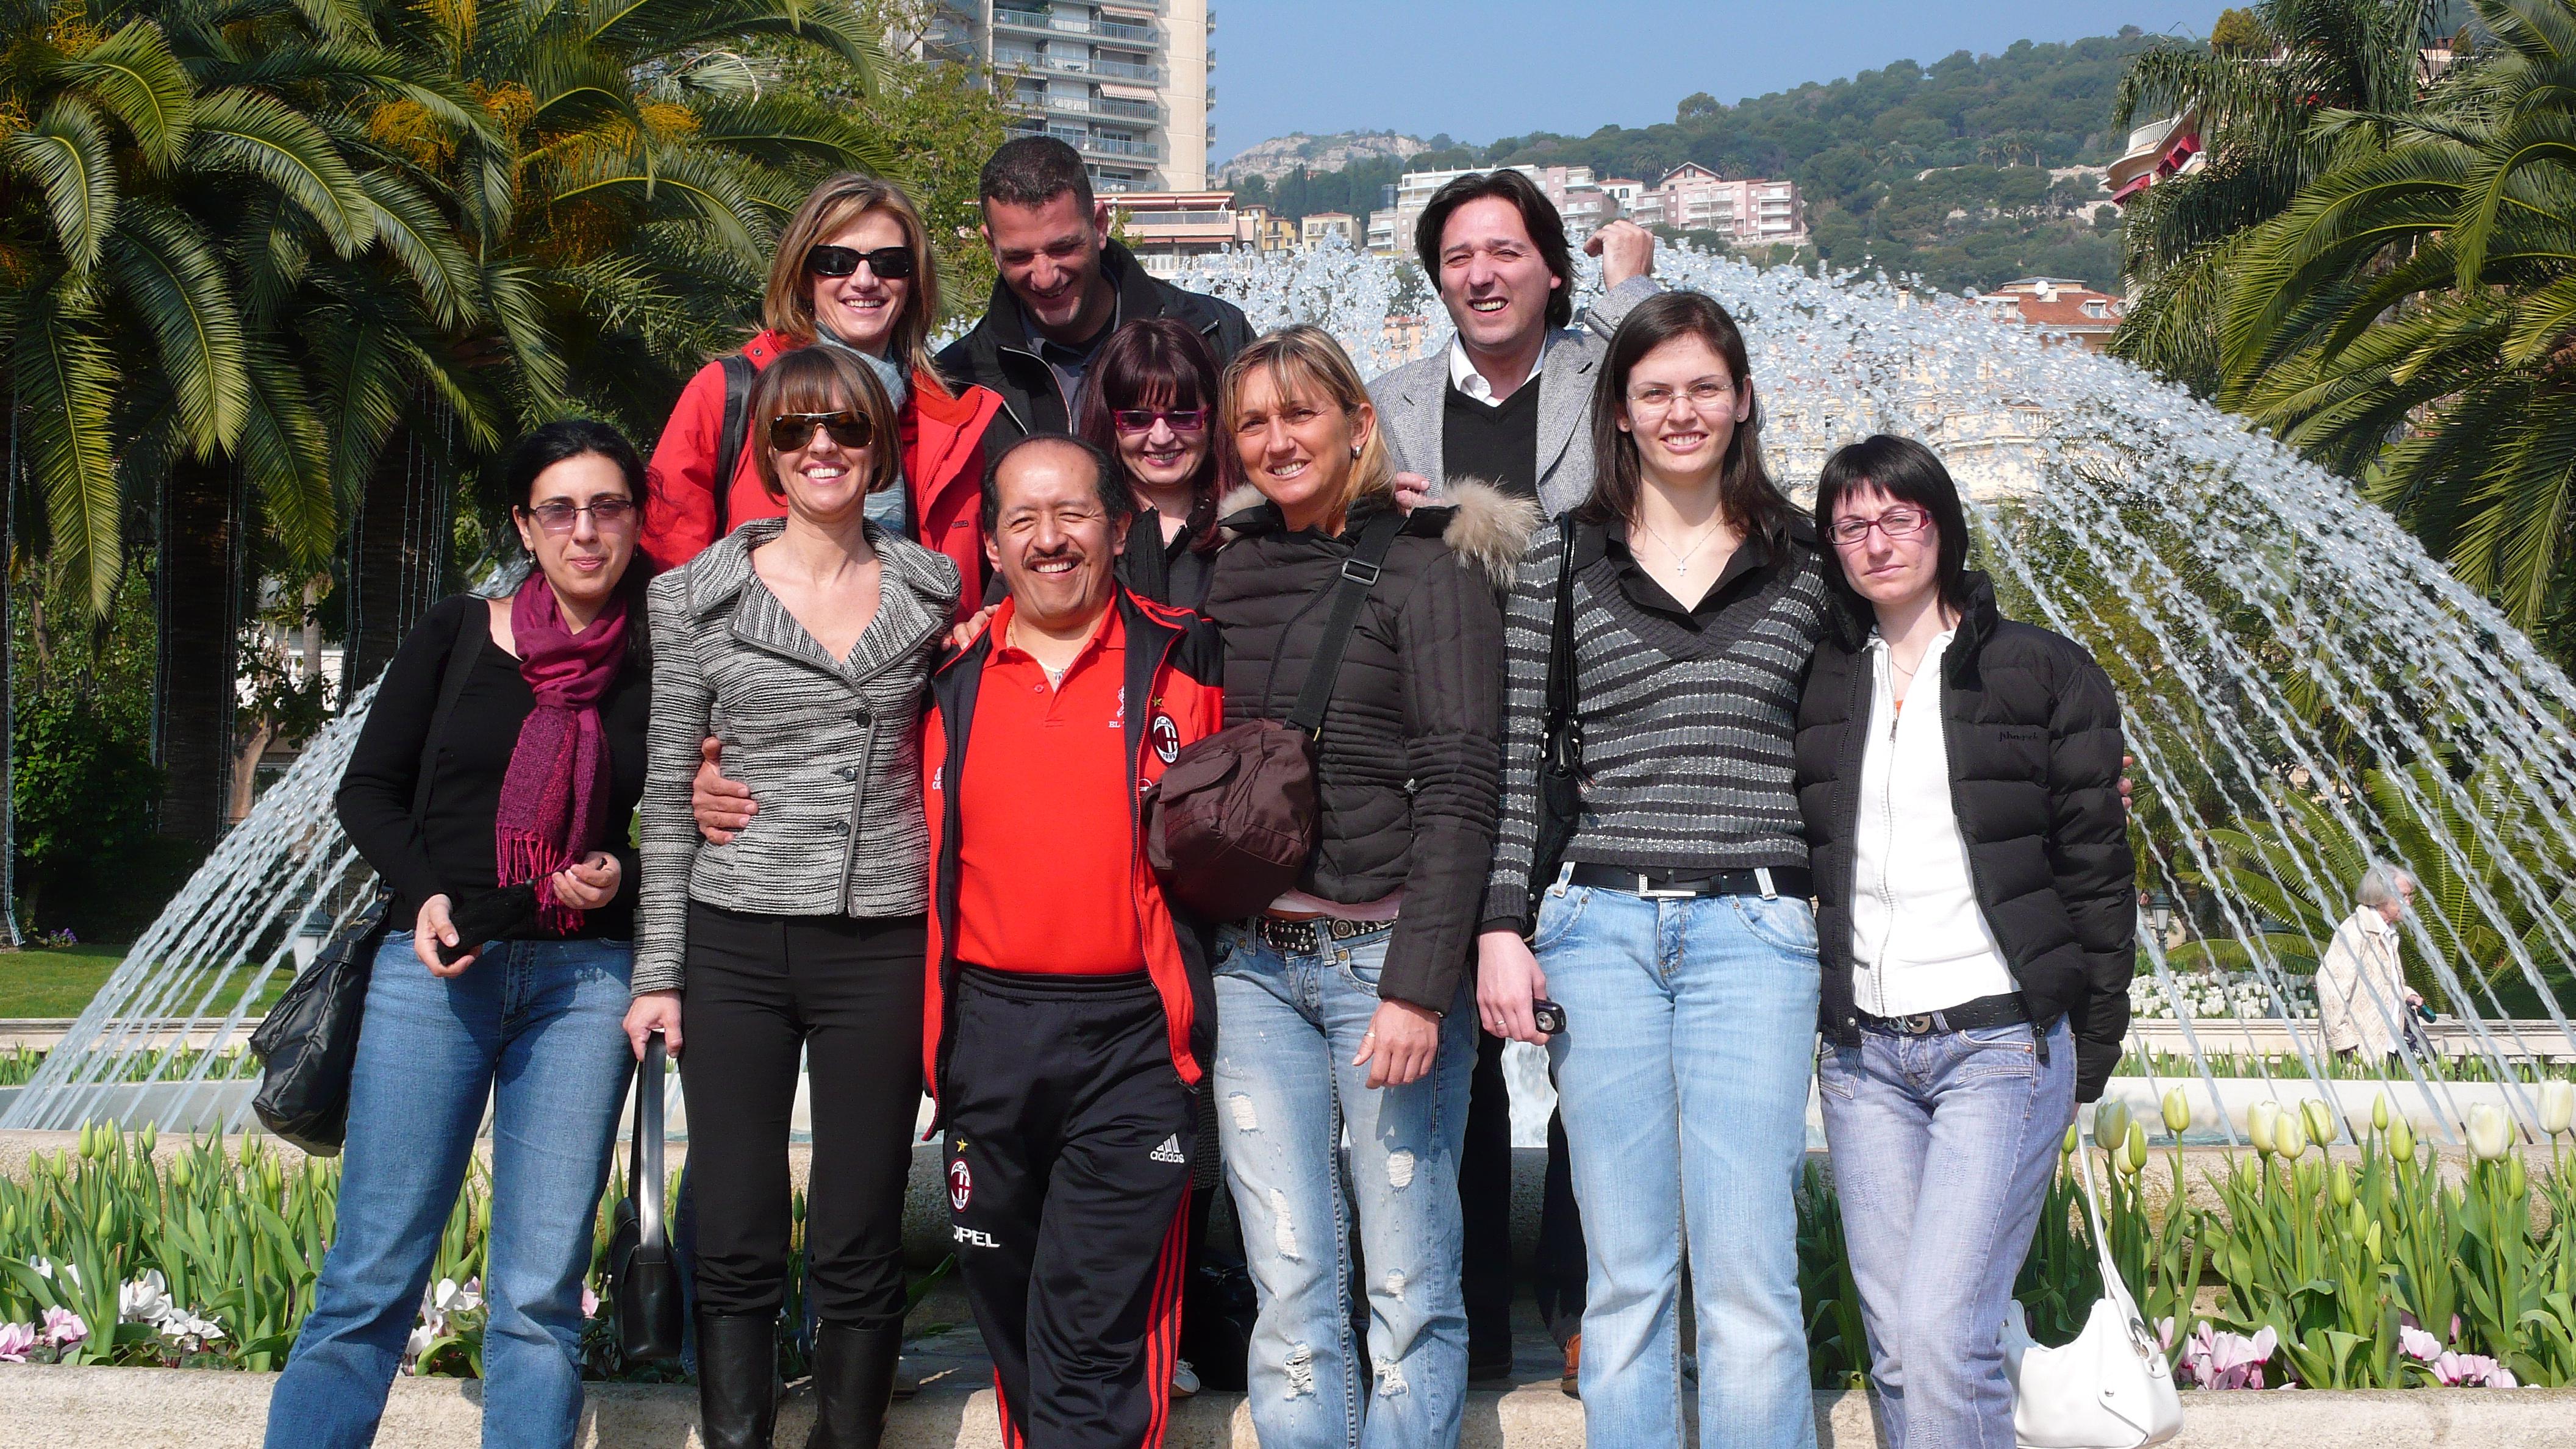 Jumelage2007.JPG